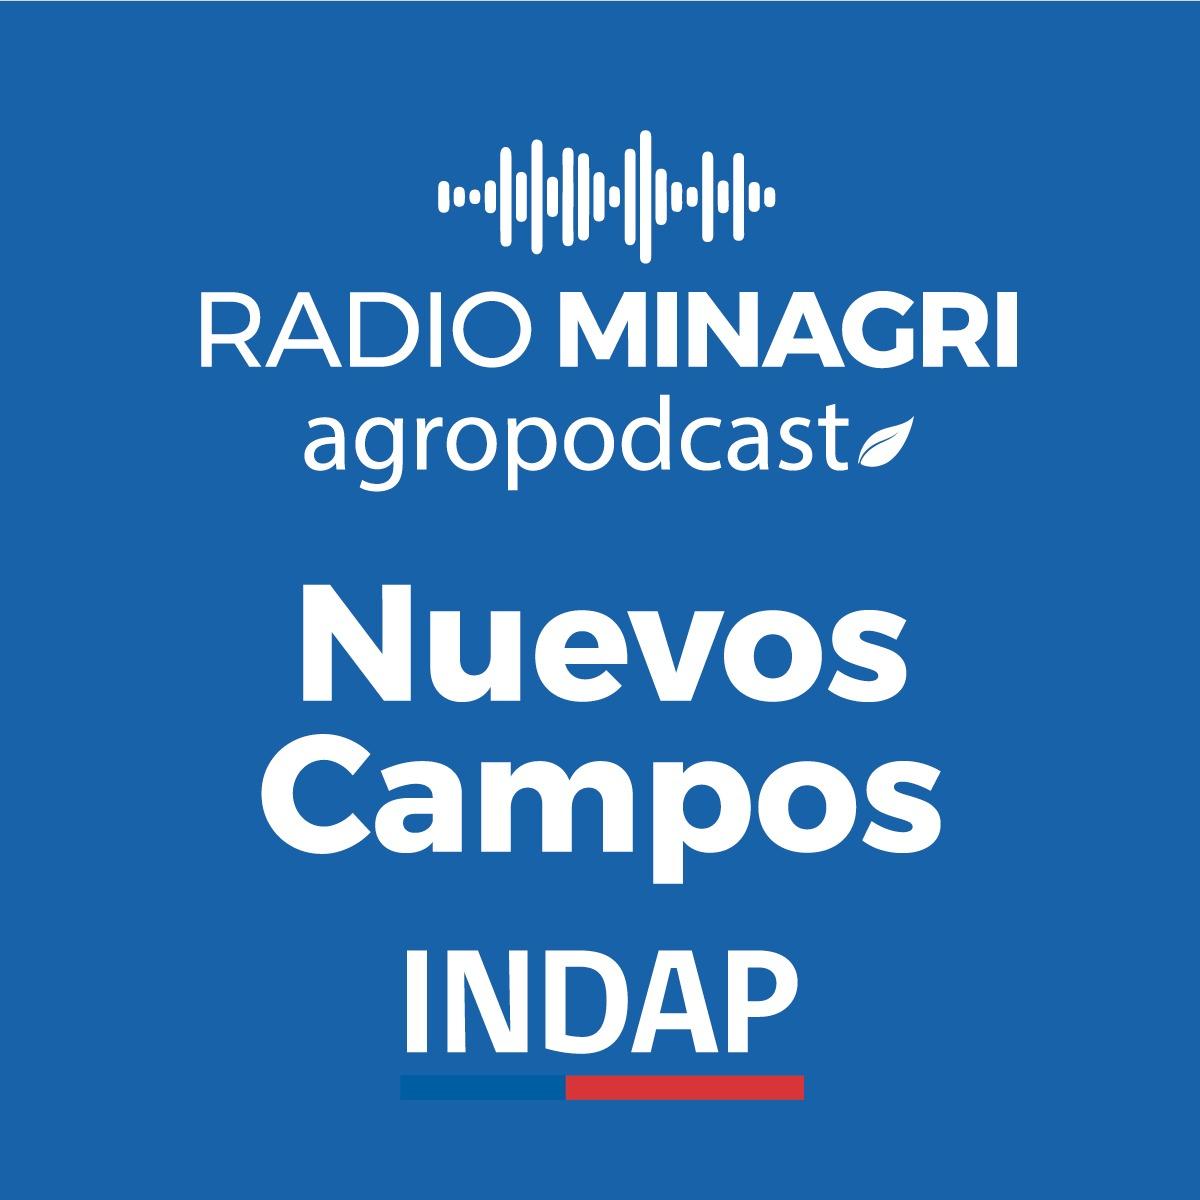 Nuevos campos – Episodio 45: Entrevista con el director de INDAP Aysén